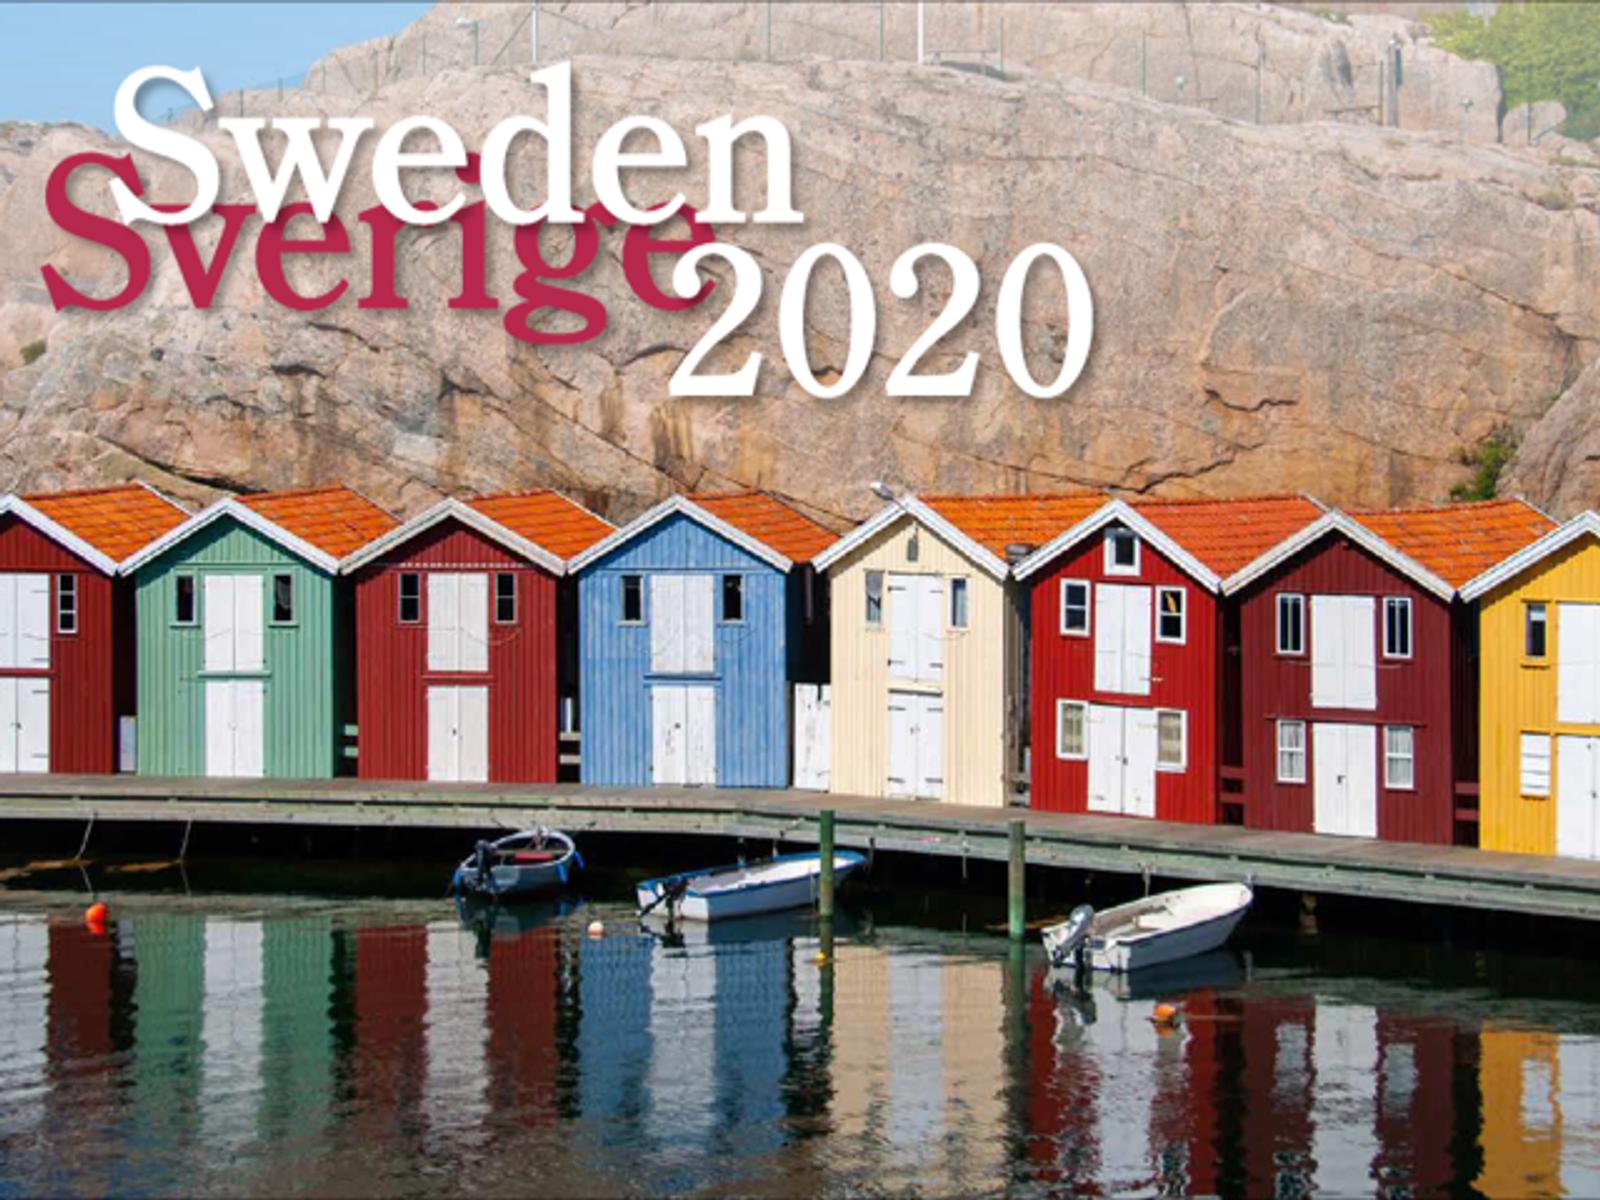 2020 Sweden Calendar in Photographs - Nordiskal